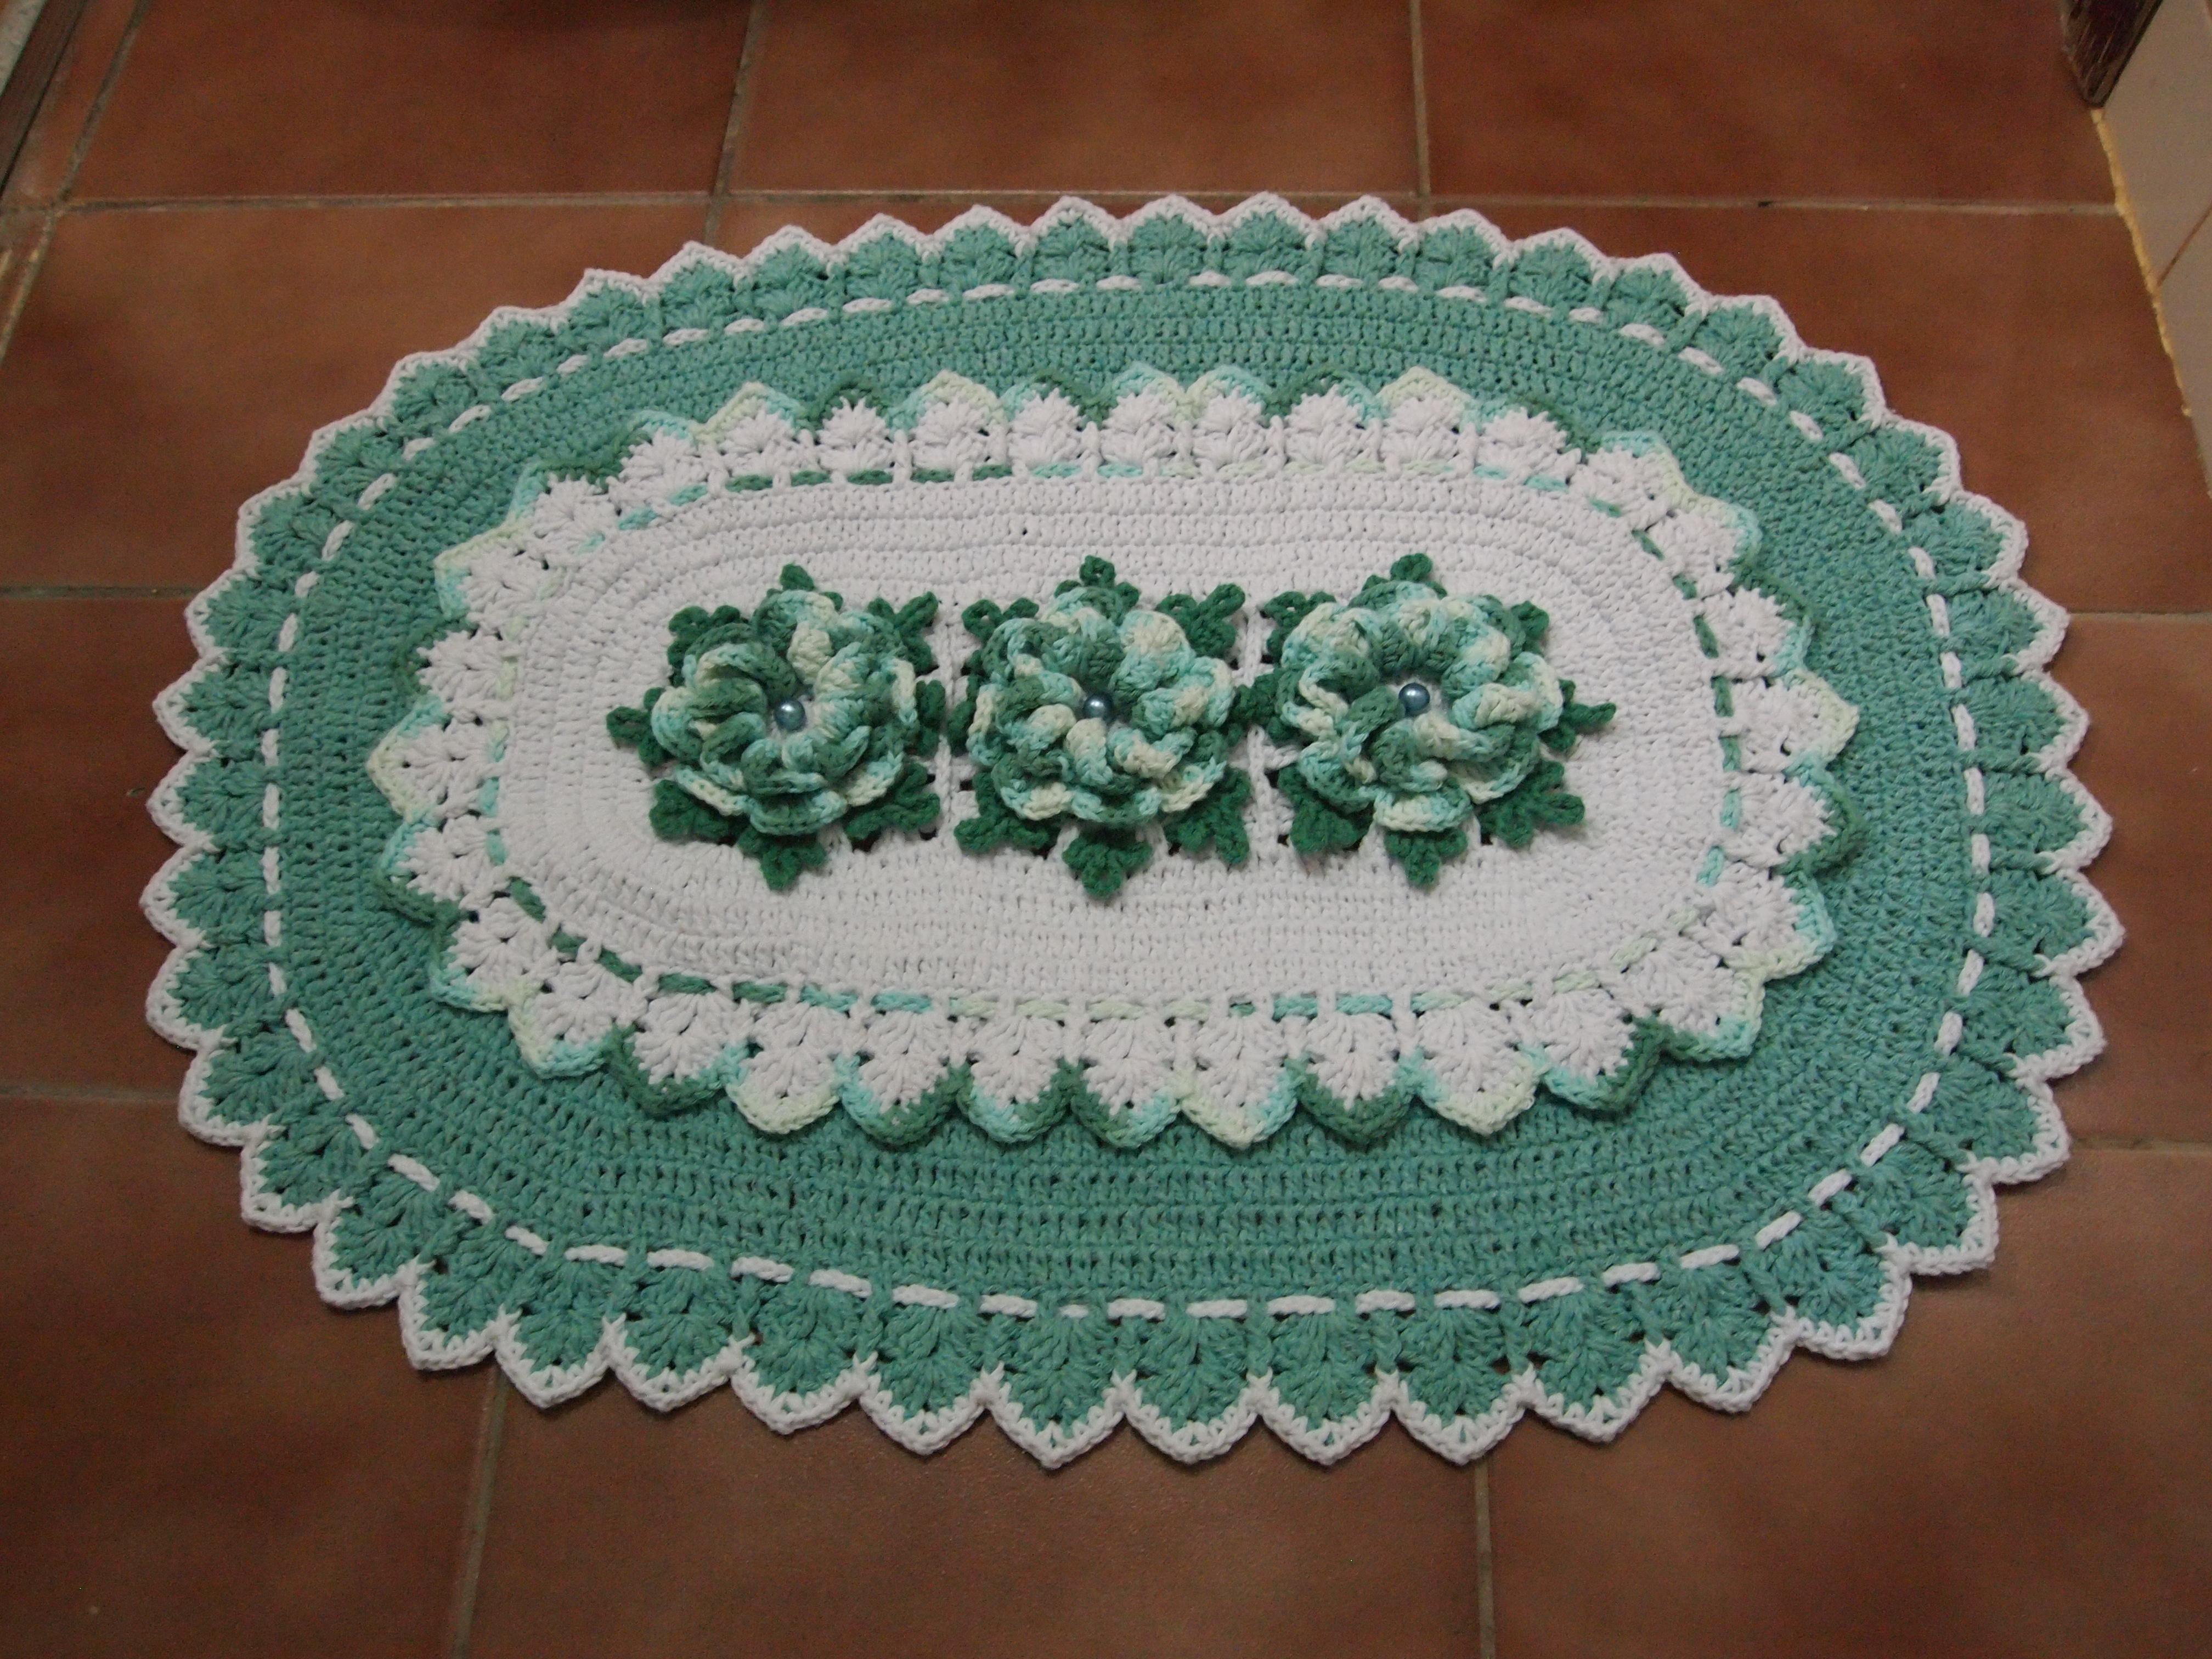 Jogo De Banheiro Verde E Branco : Jogo de banheiro pe?as branco jade croches da elsa elo